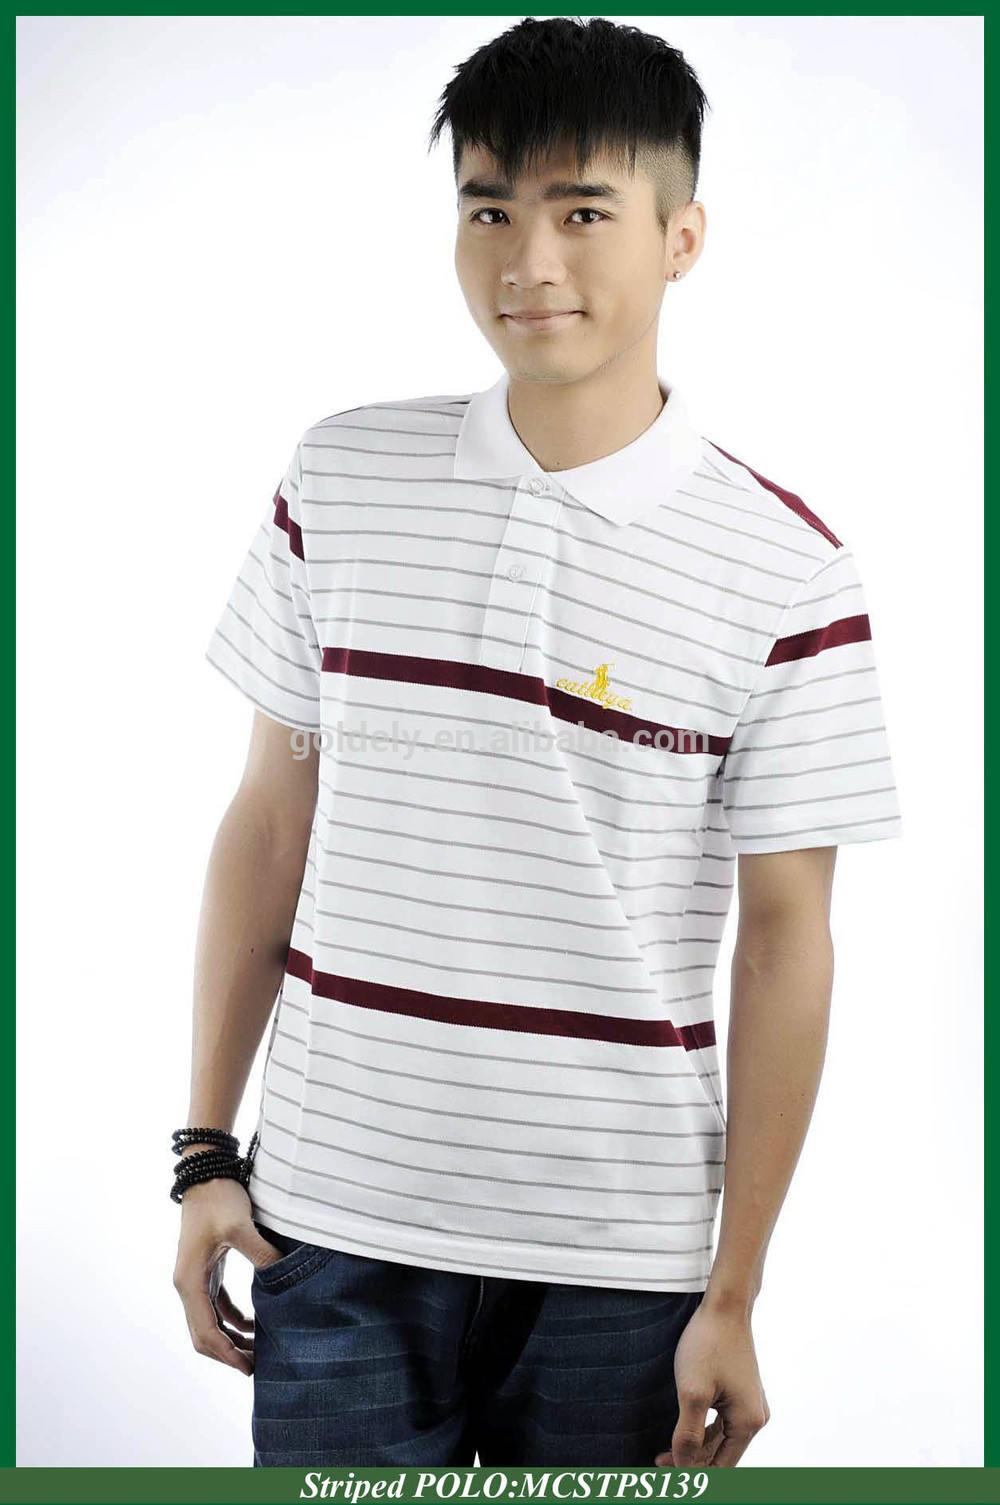 diseño popular de algodón de los hombres 2014 ropa de verano